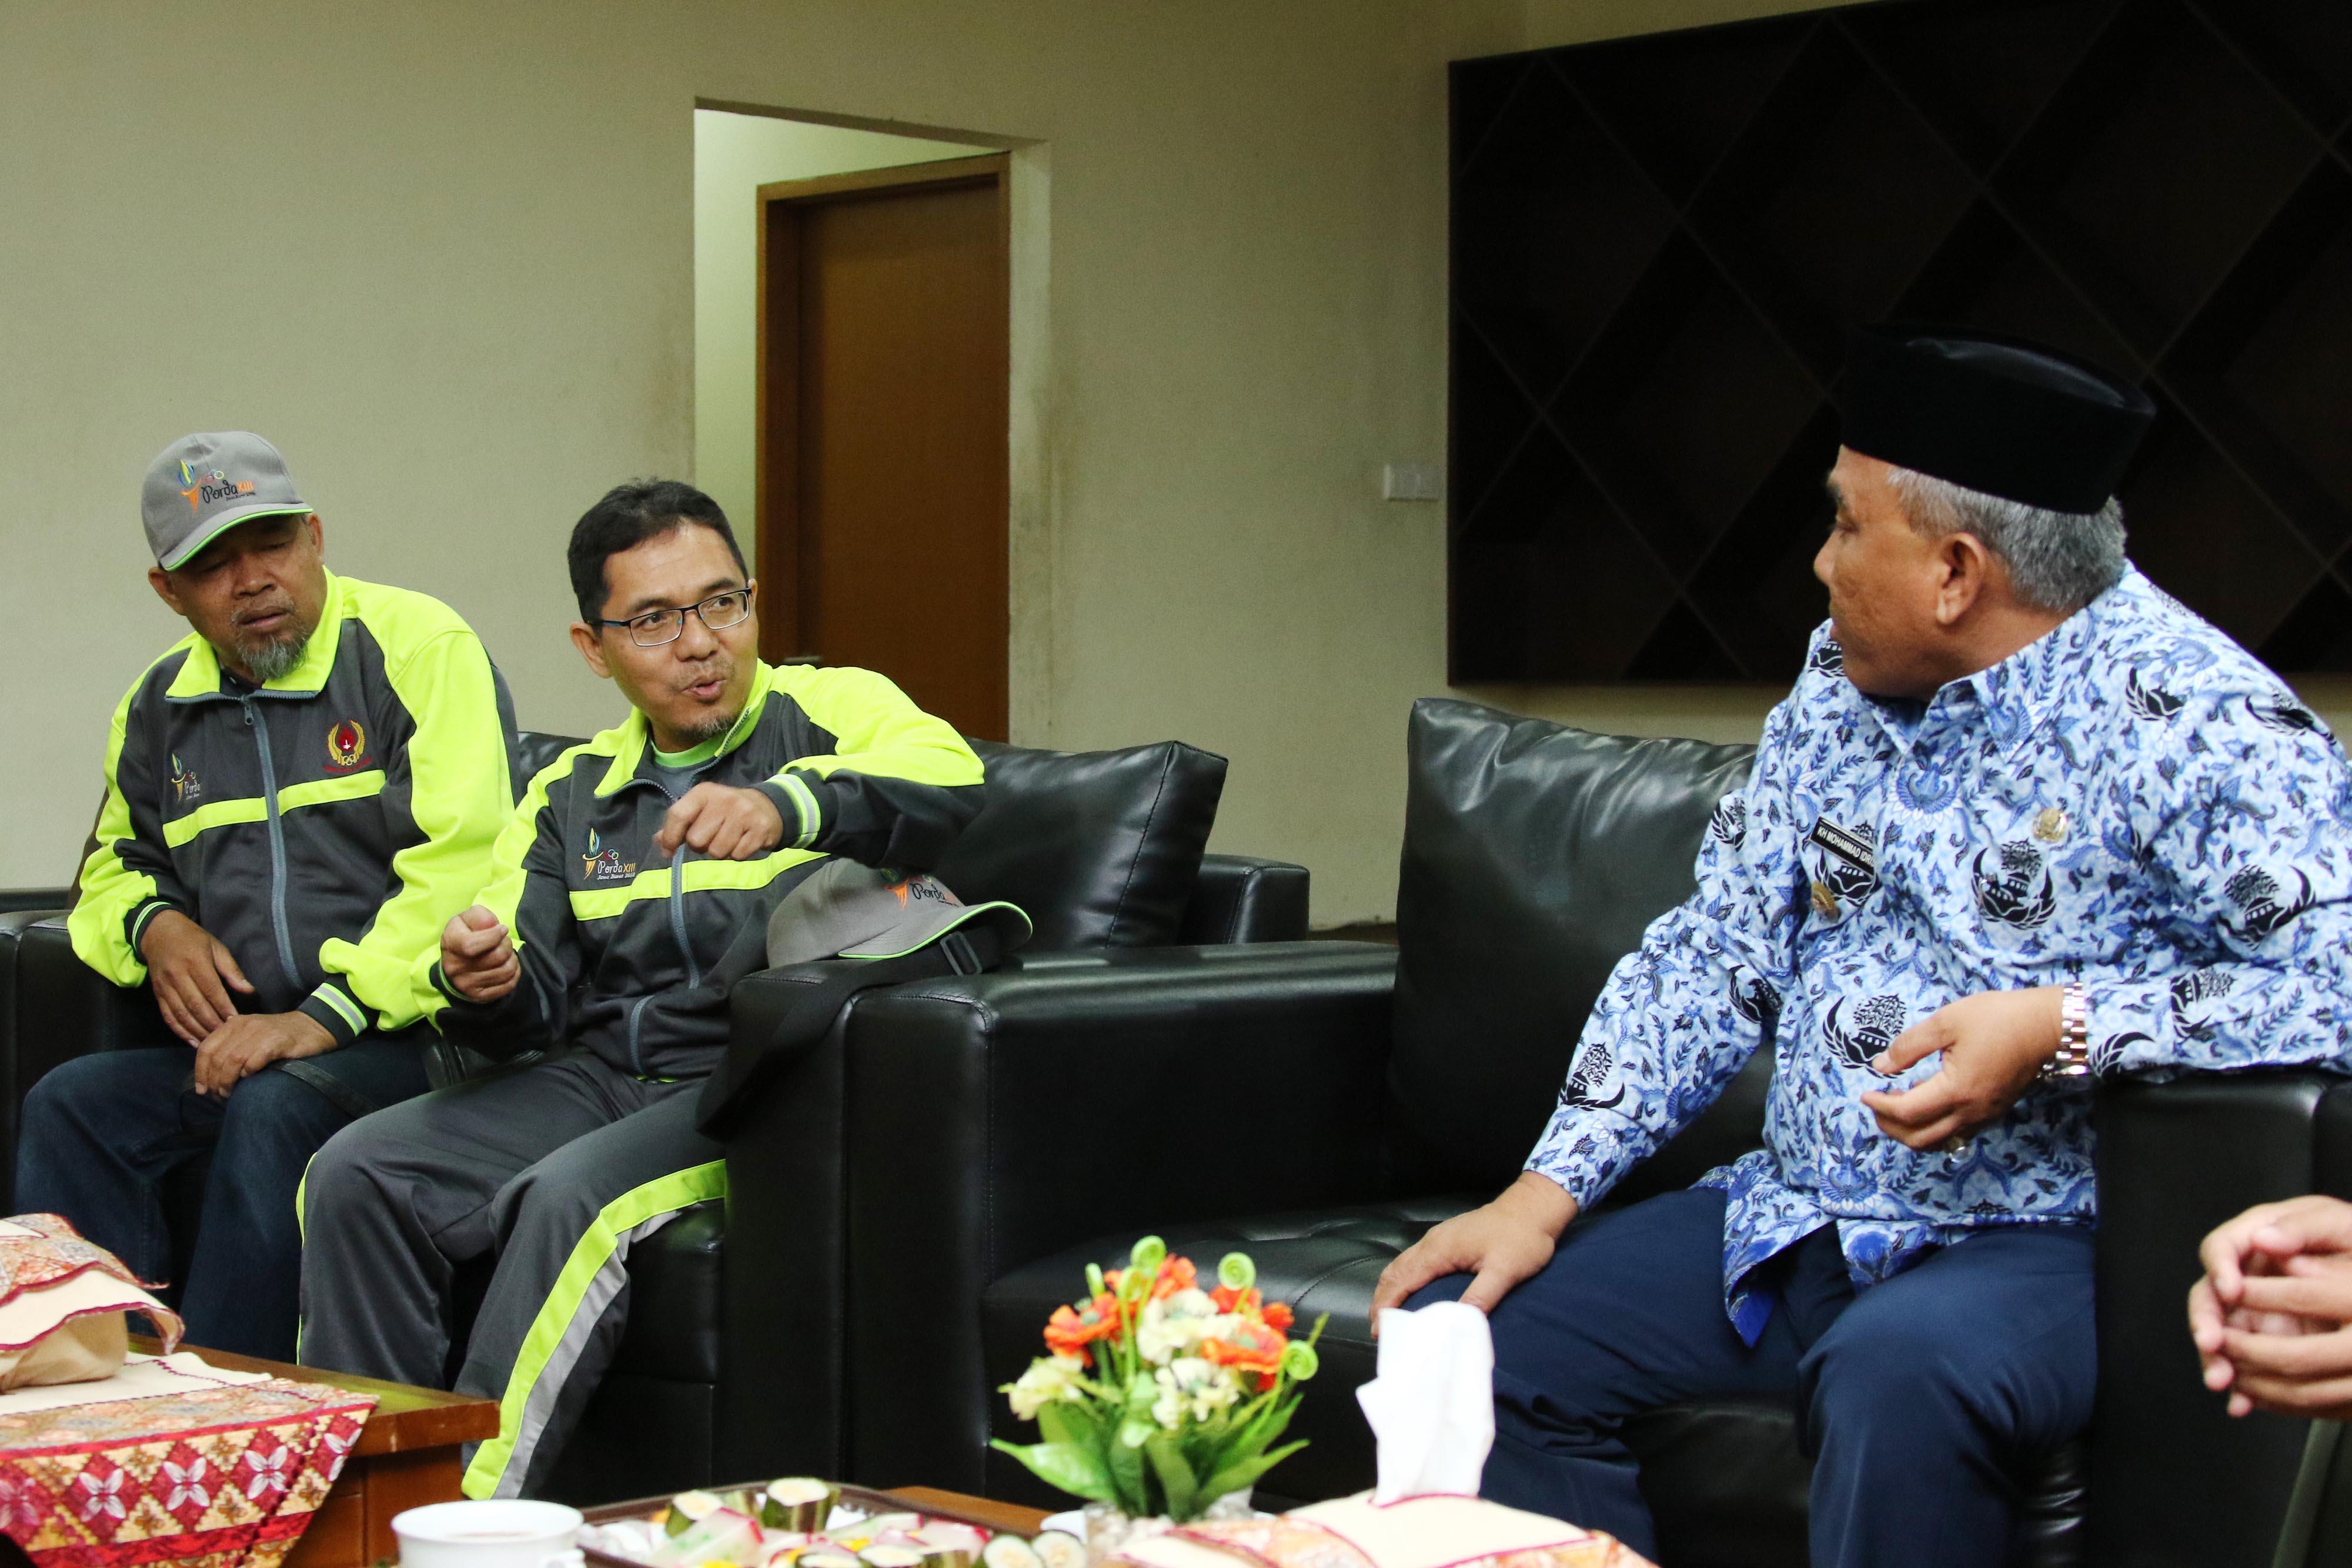 Amri Yusra (kedua dari kiri), Ketua Umum KONI Kota Depok sedang berbincang dengan Mohammad Idris (kanan), Walikota Depok sebelum pelaksanaan upacara pelepasan Kontingen Kota Depok untuk PORDA Jabar XIII-2018 di Balaikota Depok, Senin (1/10) pagi. KONI KOTA DEPOK/Faruqi/2018